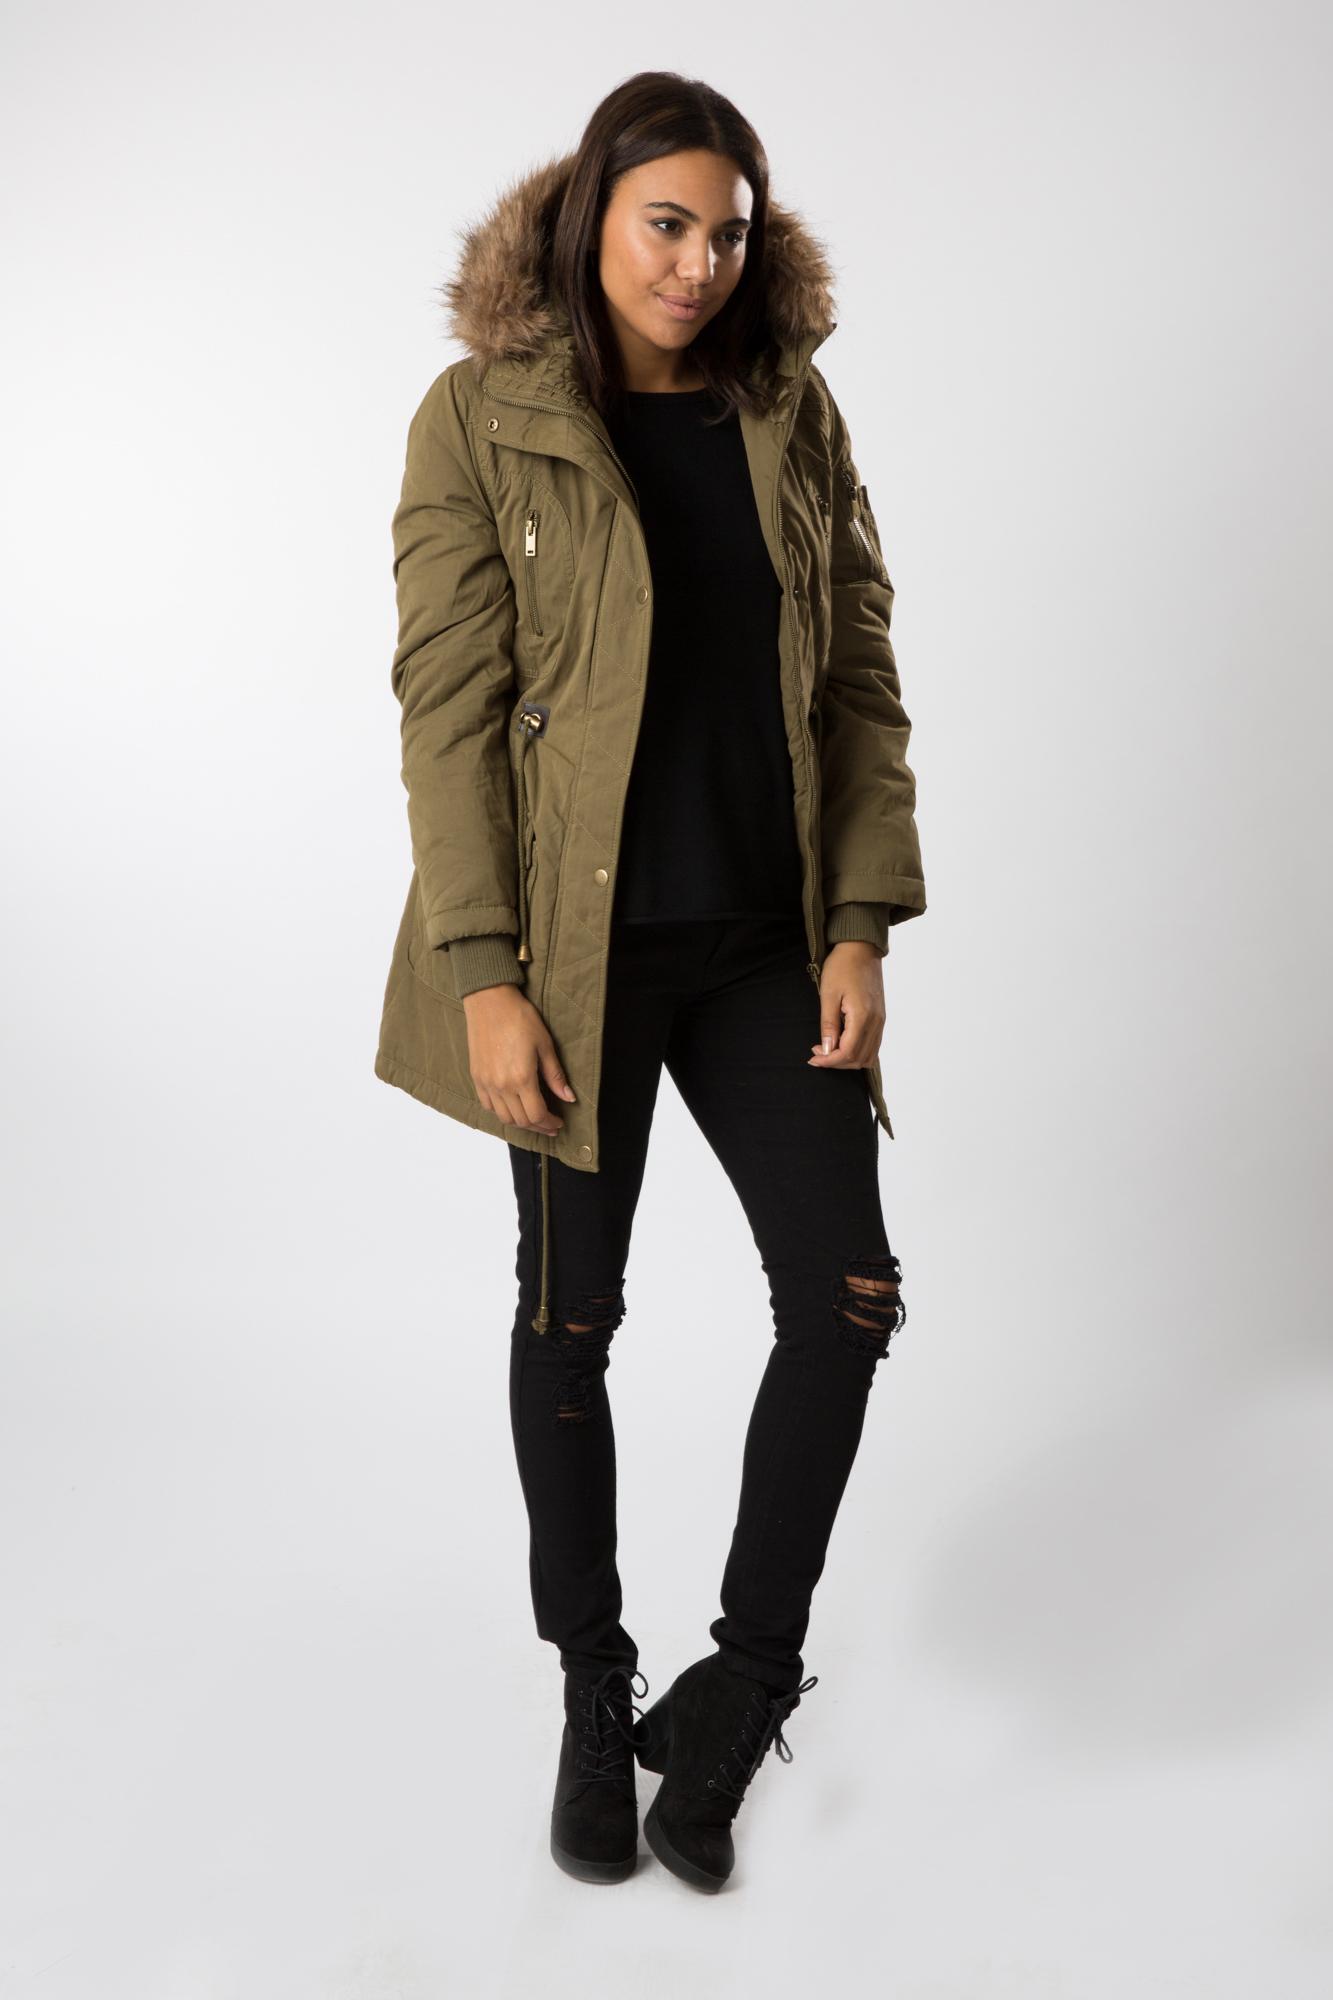 Khaki Faux Fur Lined Hooded Parka Jacket - Best Hood 2017